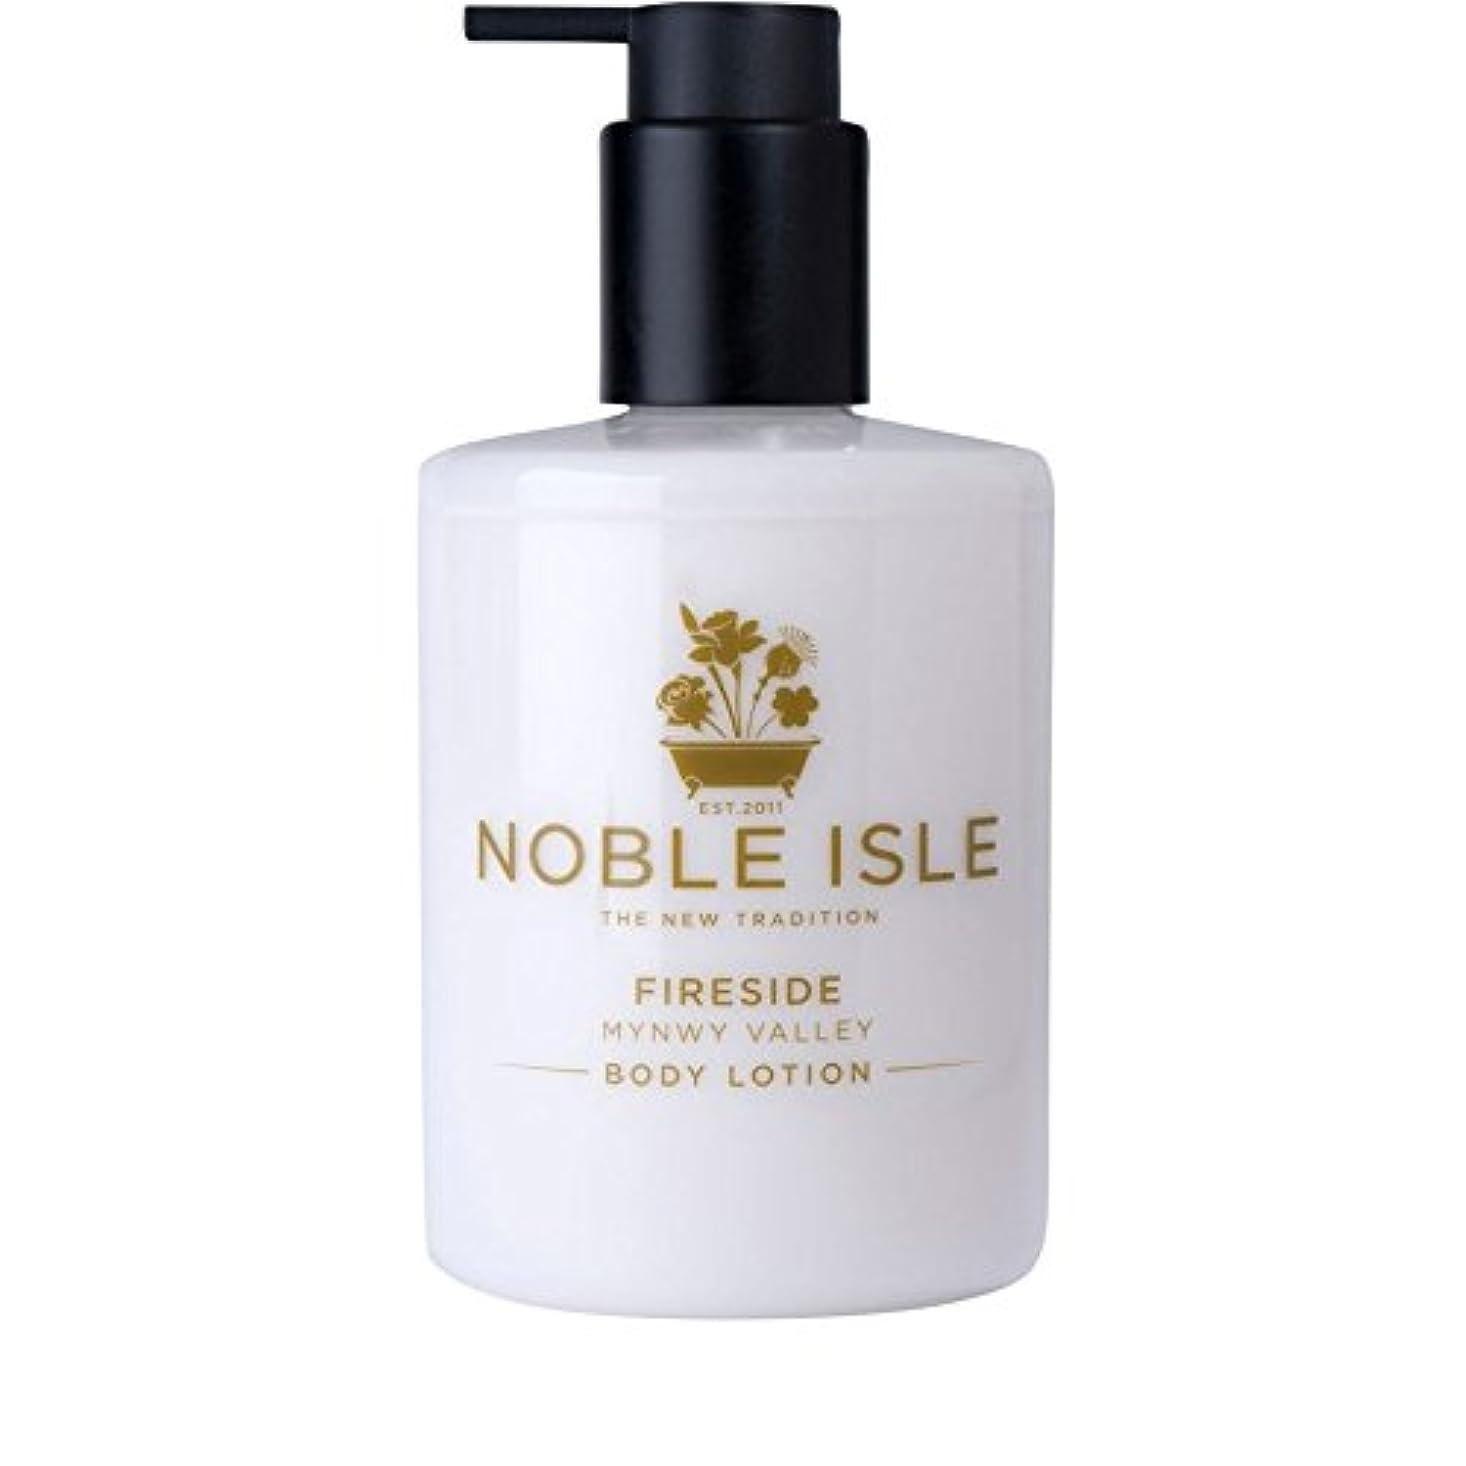 進行中端末矛盾高貴な島炉端谷のボディローション250ミリリットル x2 - Noble Isle Fireside Mynwy Valley Body Lotion 250ml (Pack of 2) [並行輸入品]